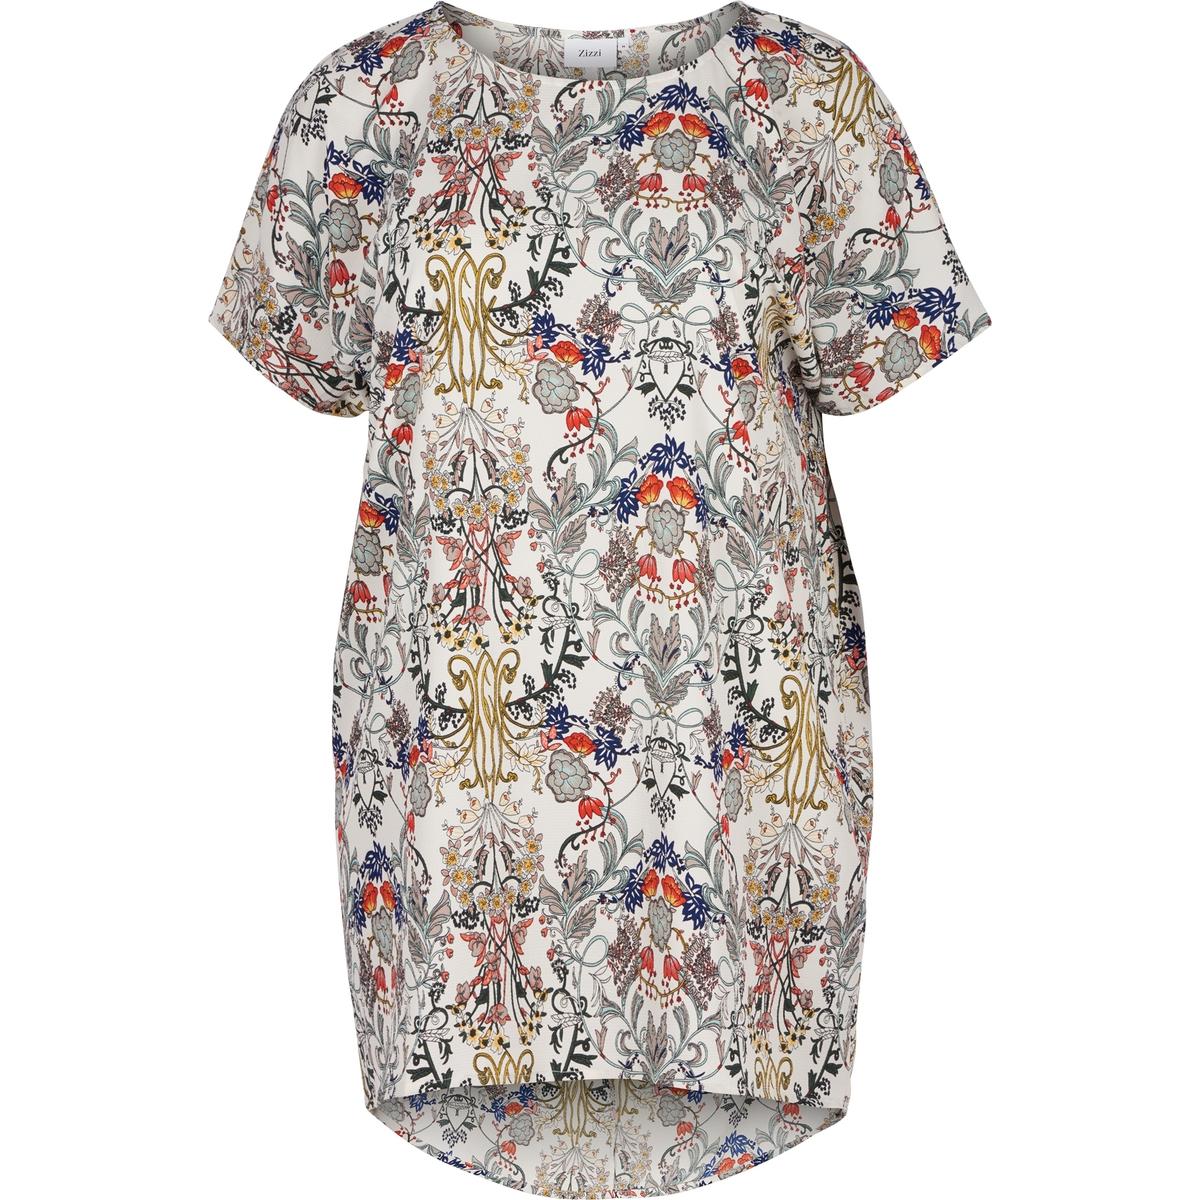 Платье ZIZZIПлатье ZIZZI. Платье-балахон с рисунком. Короткие рукава. 98% полиэстера, 2% эластана.<br><br>Цвет: набивной рисунок<br>Размер: 46/48 (FR) - 52/54 (RUS).50/52 (FR) - 56/58 (RUS)